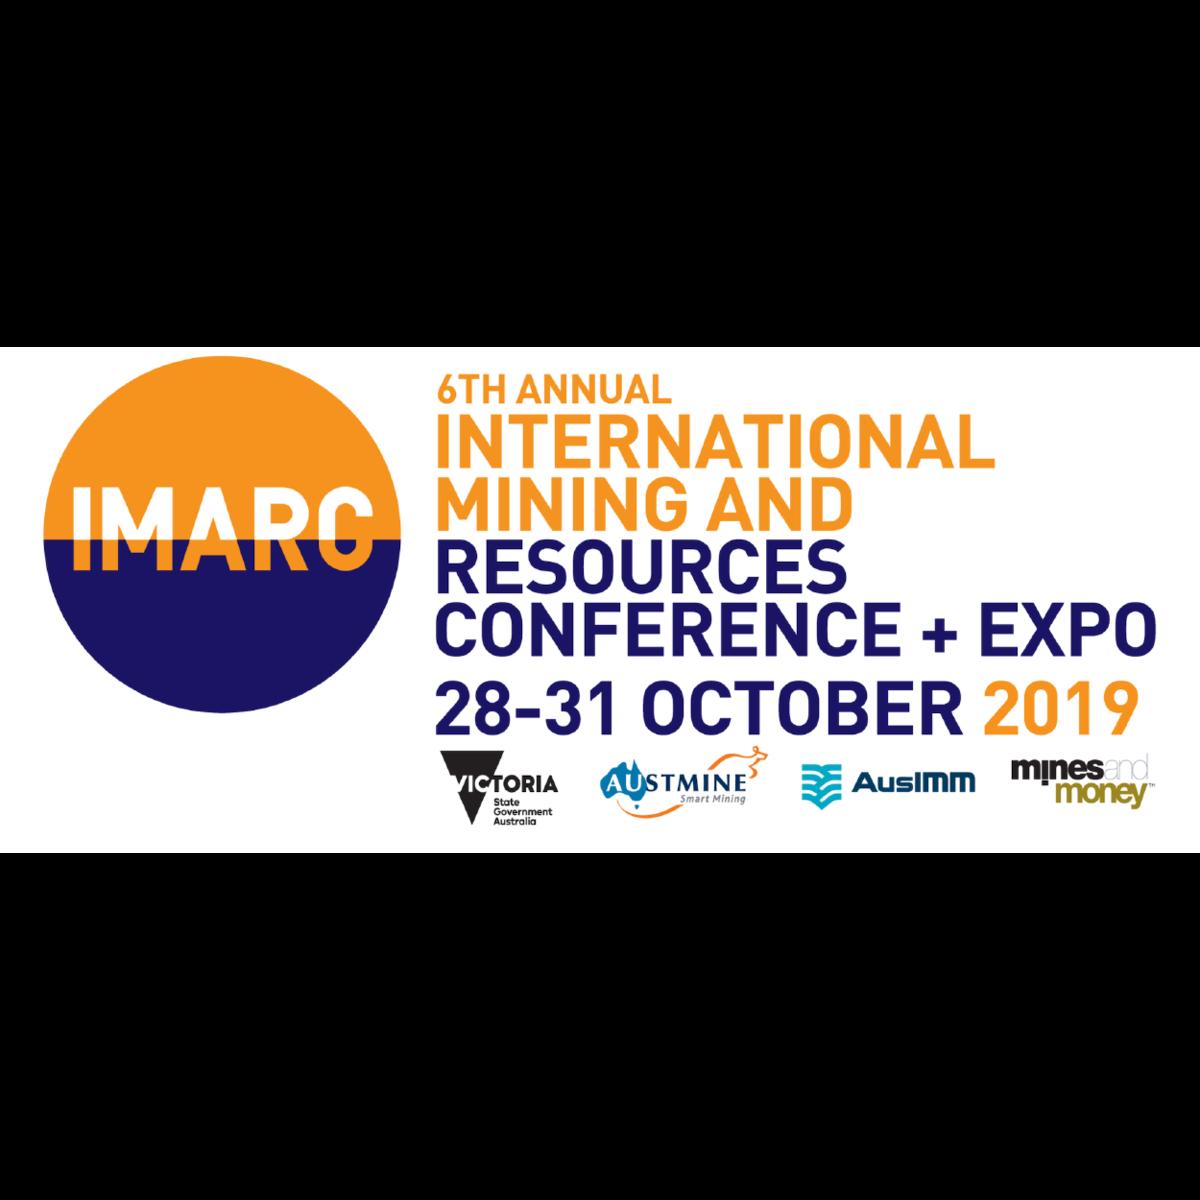 IMARC 2019